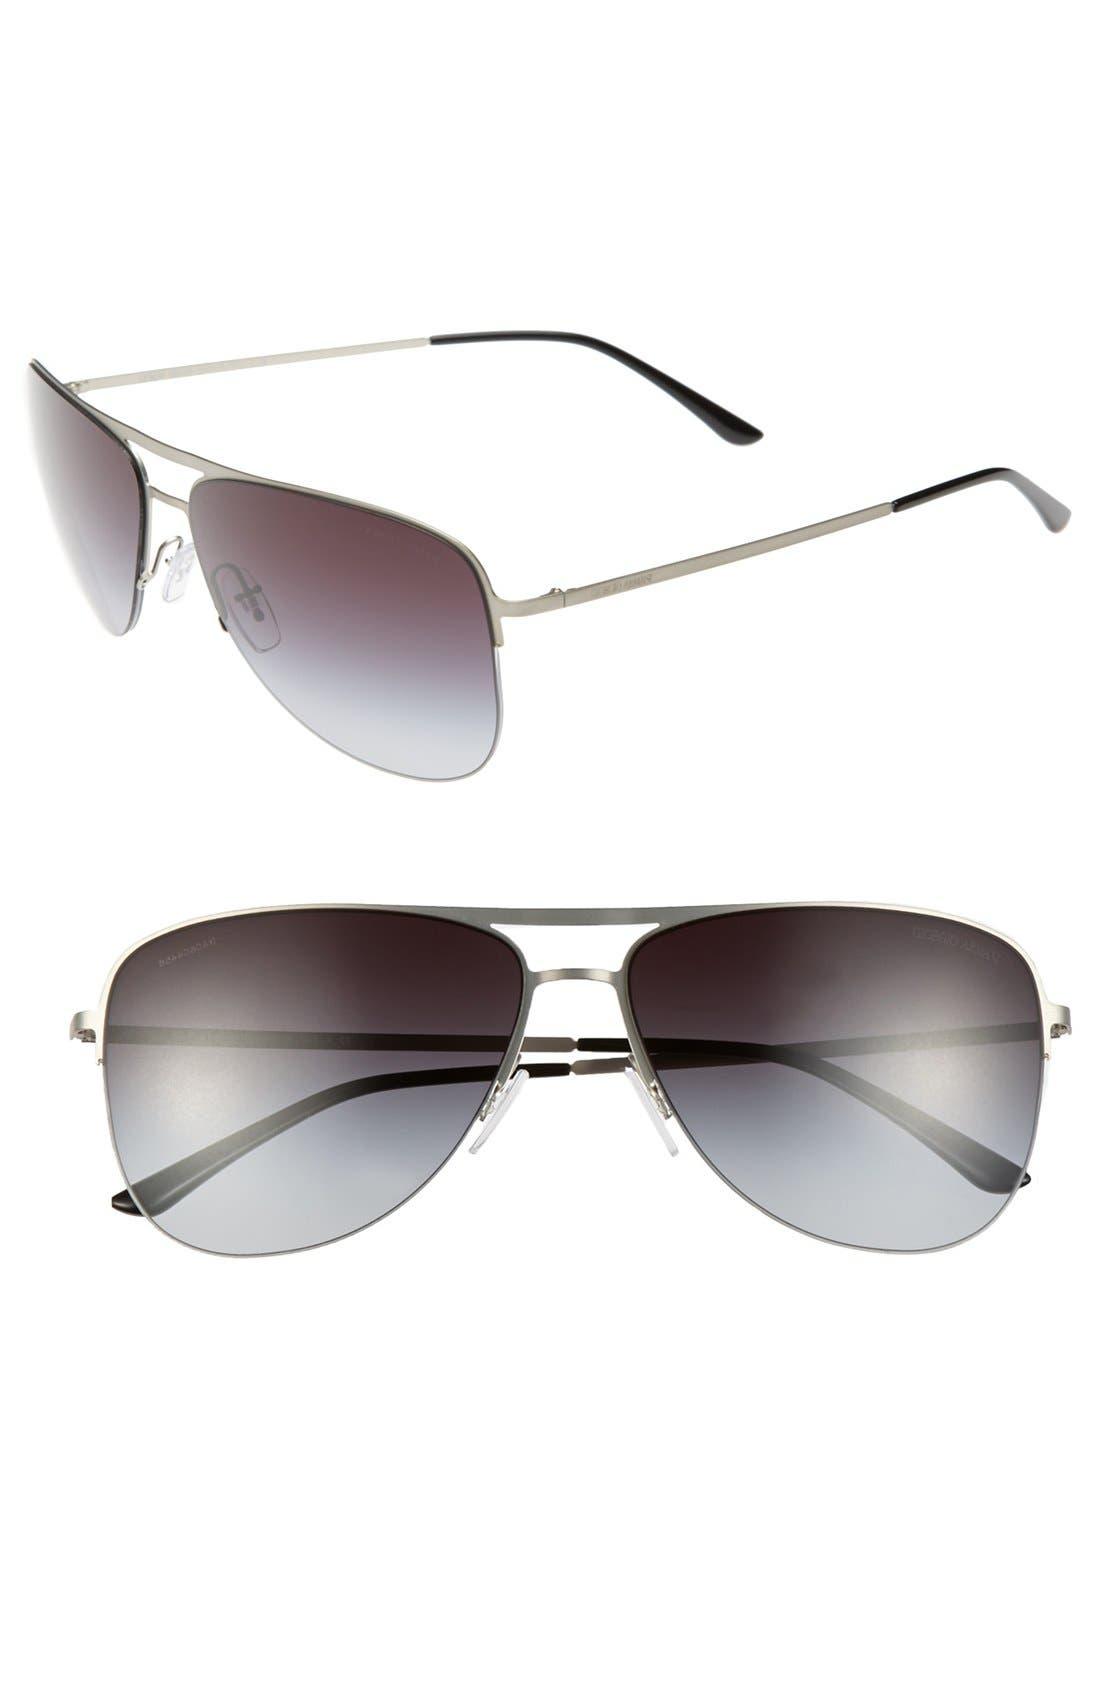 Main Image - Giorgio Armani 60mm Aviator Sunglasses